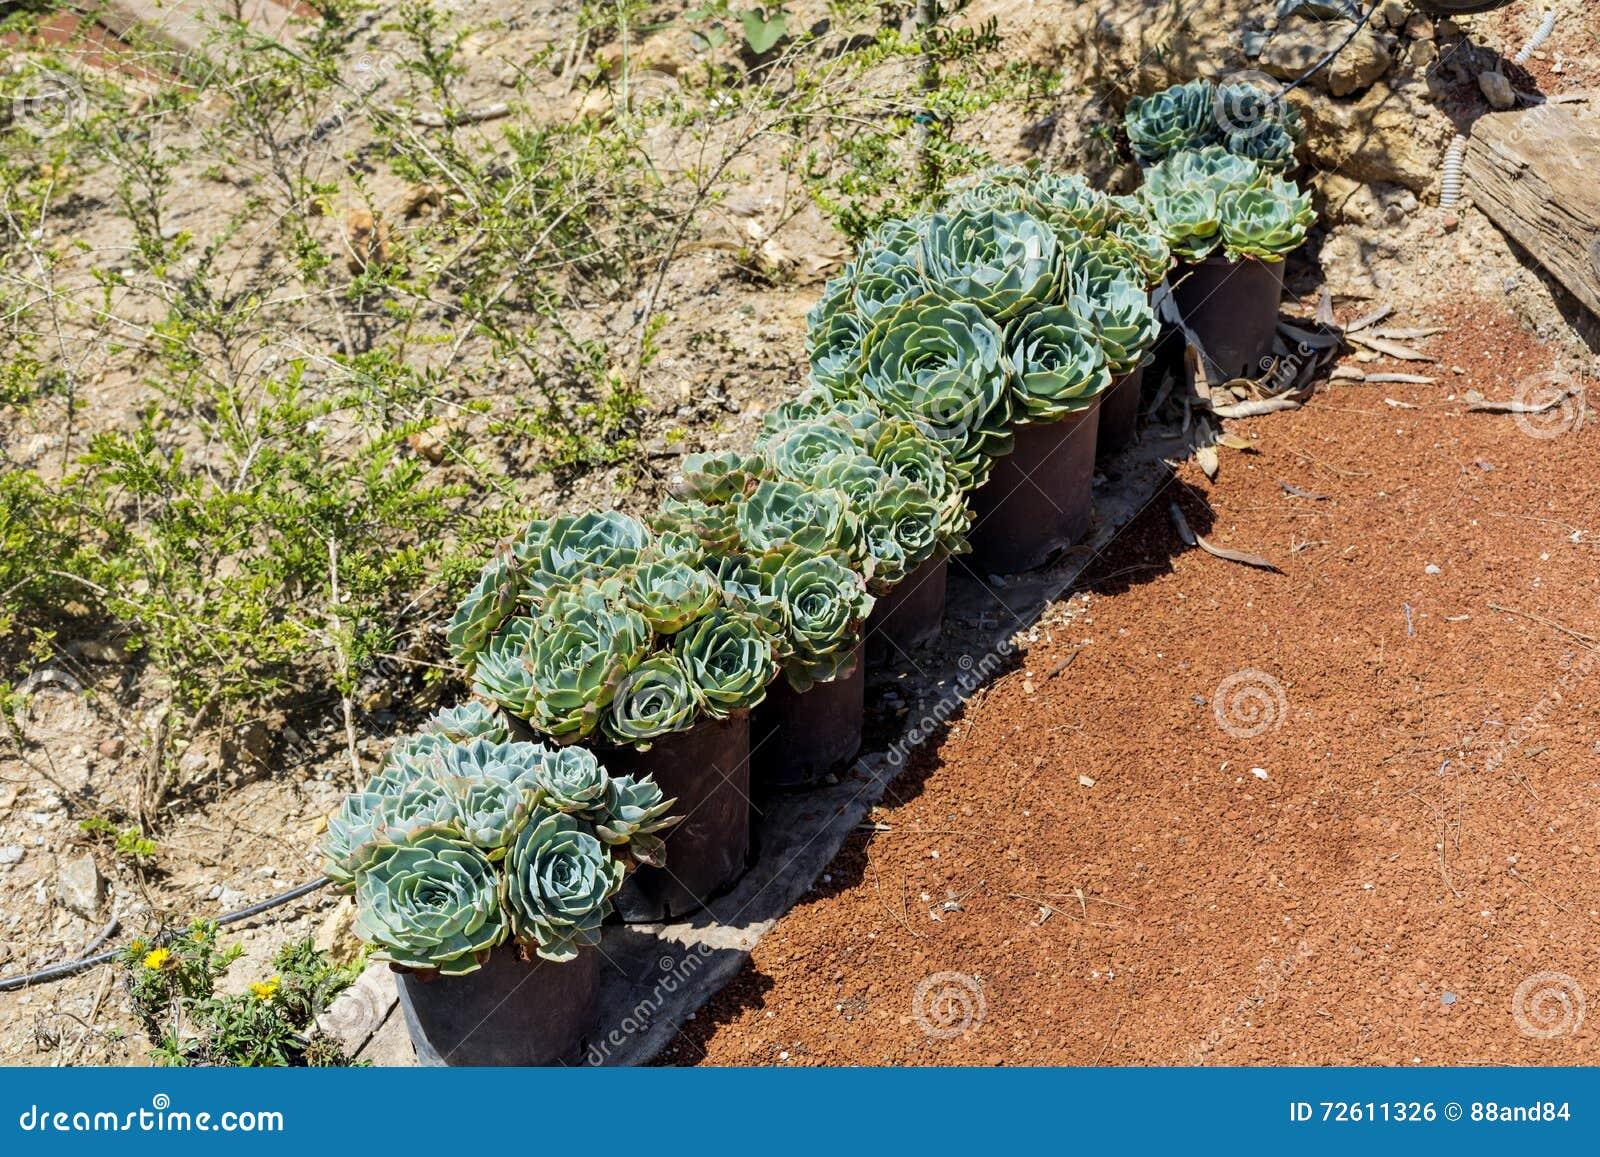 Vieux Cactus De Poules Et De Poussins Dans Pots Pour La